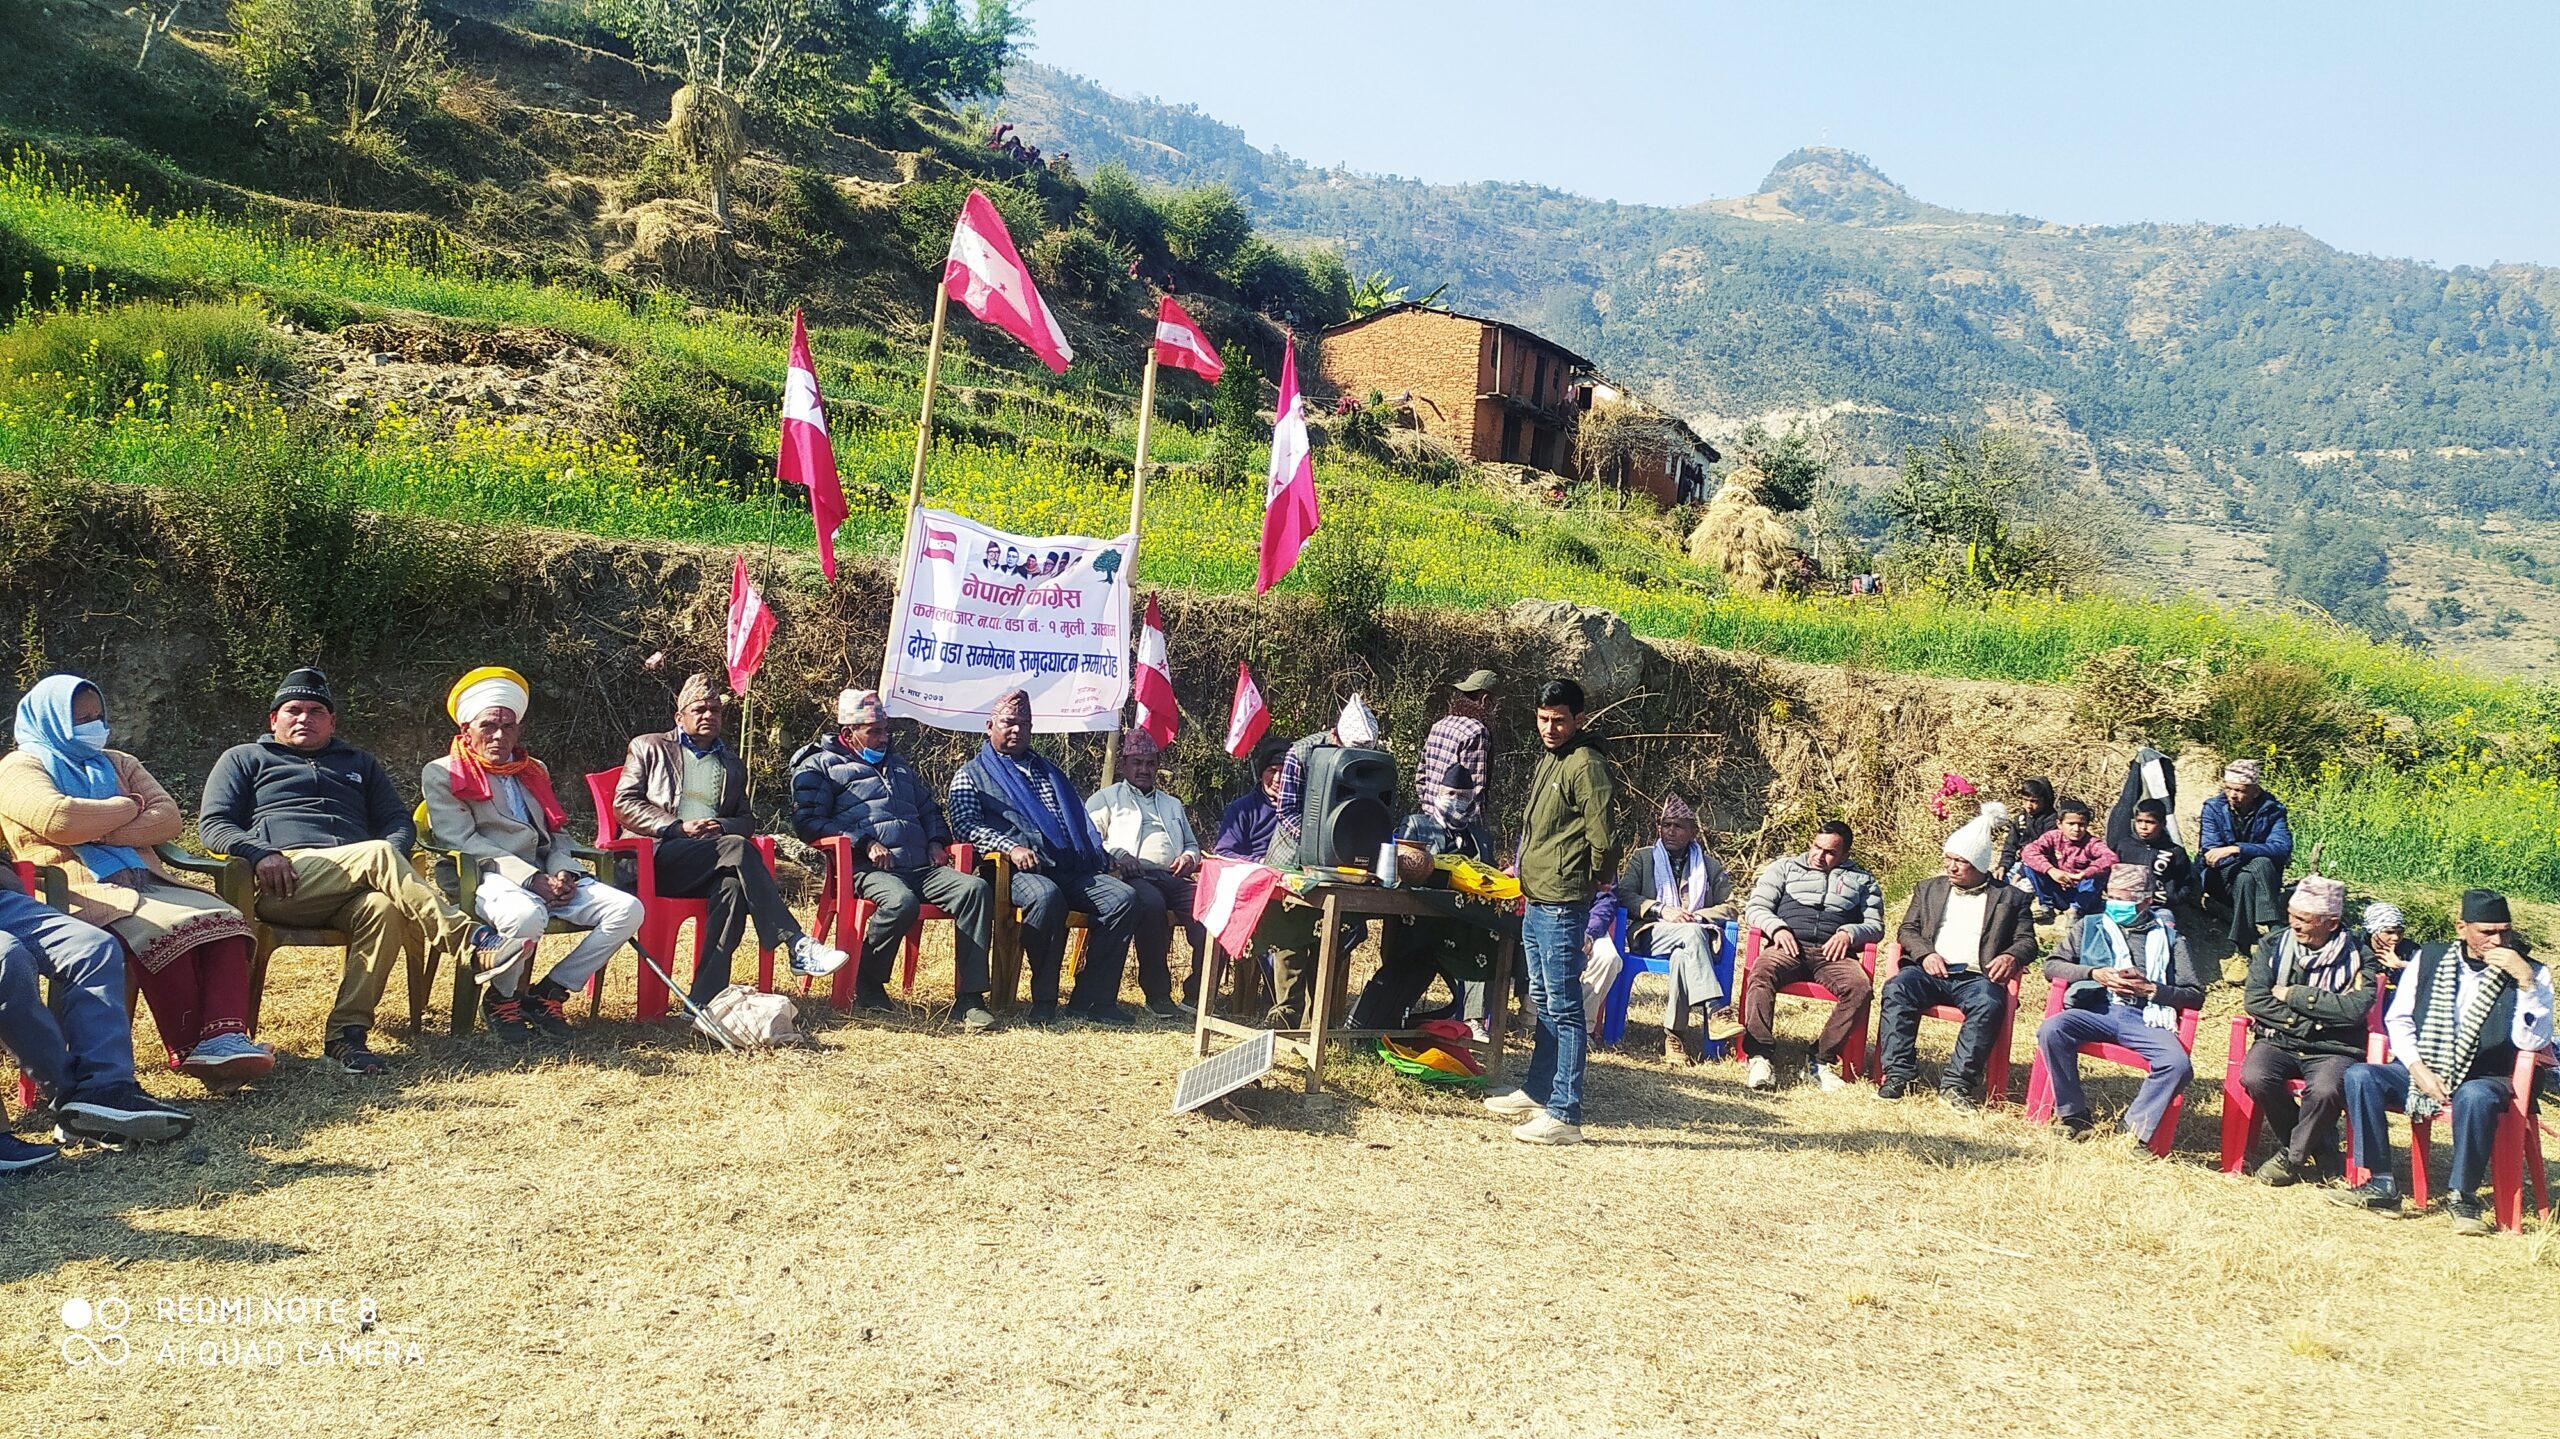 नेपाली काङ्ग्रेस कमलबजार नगरपालिका १ मुलिको दोस्रो वडा सम्मेलन सम्पन्न